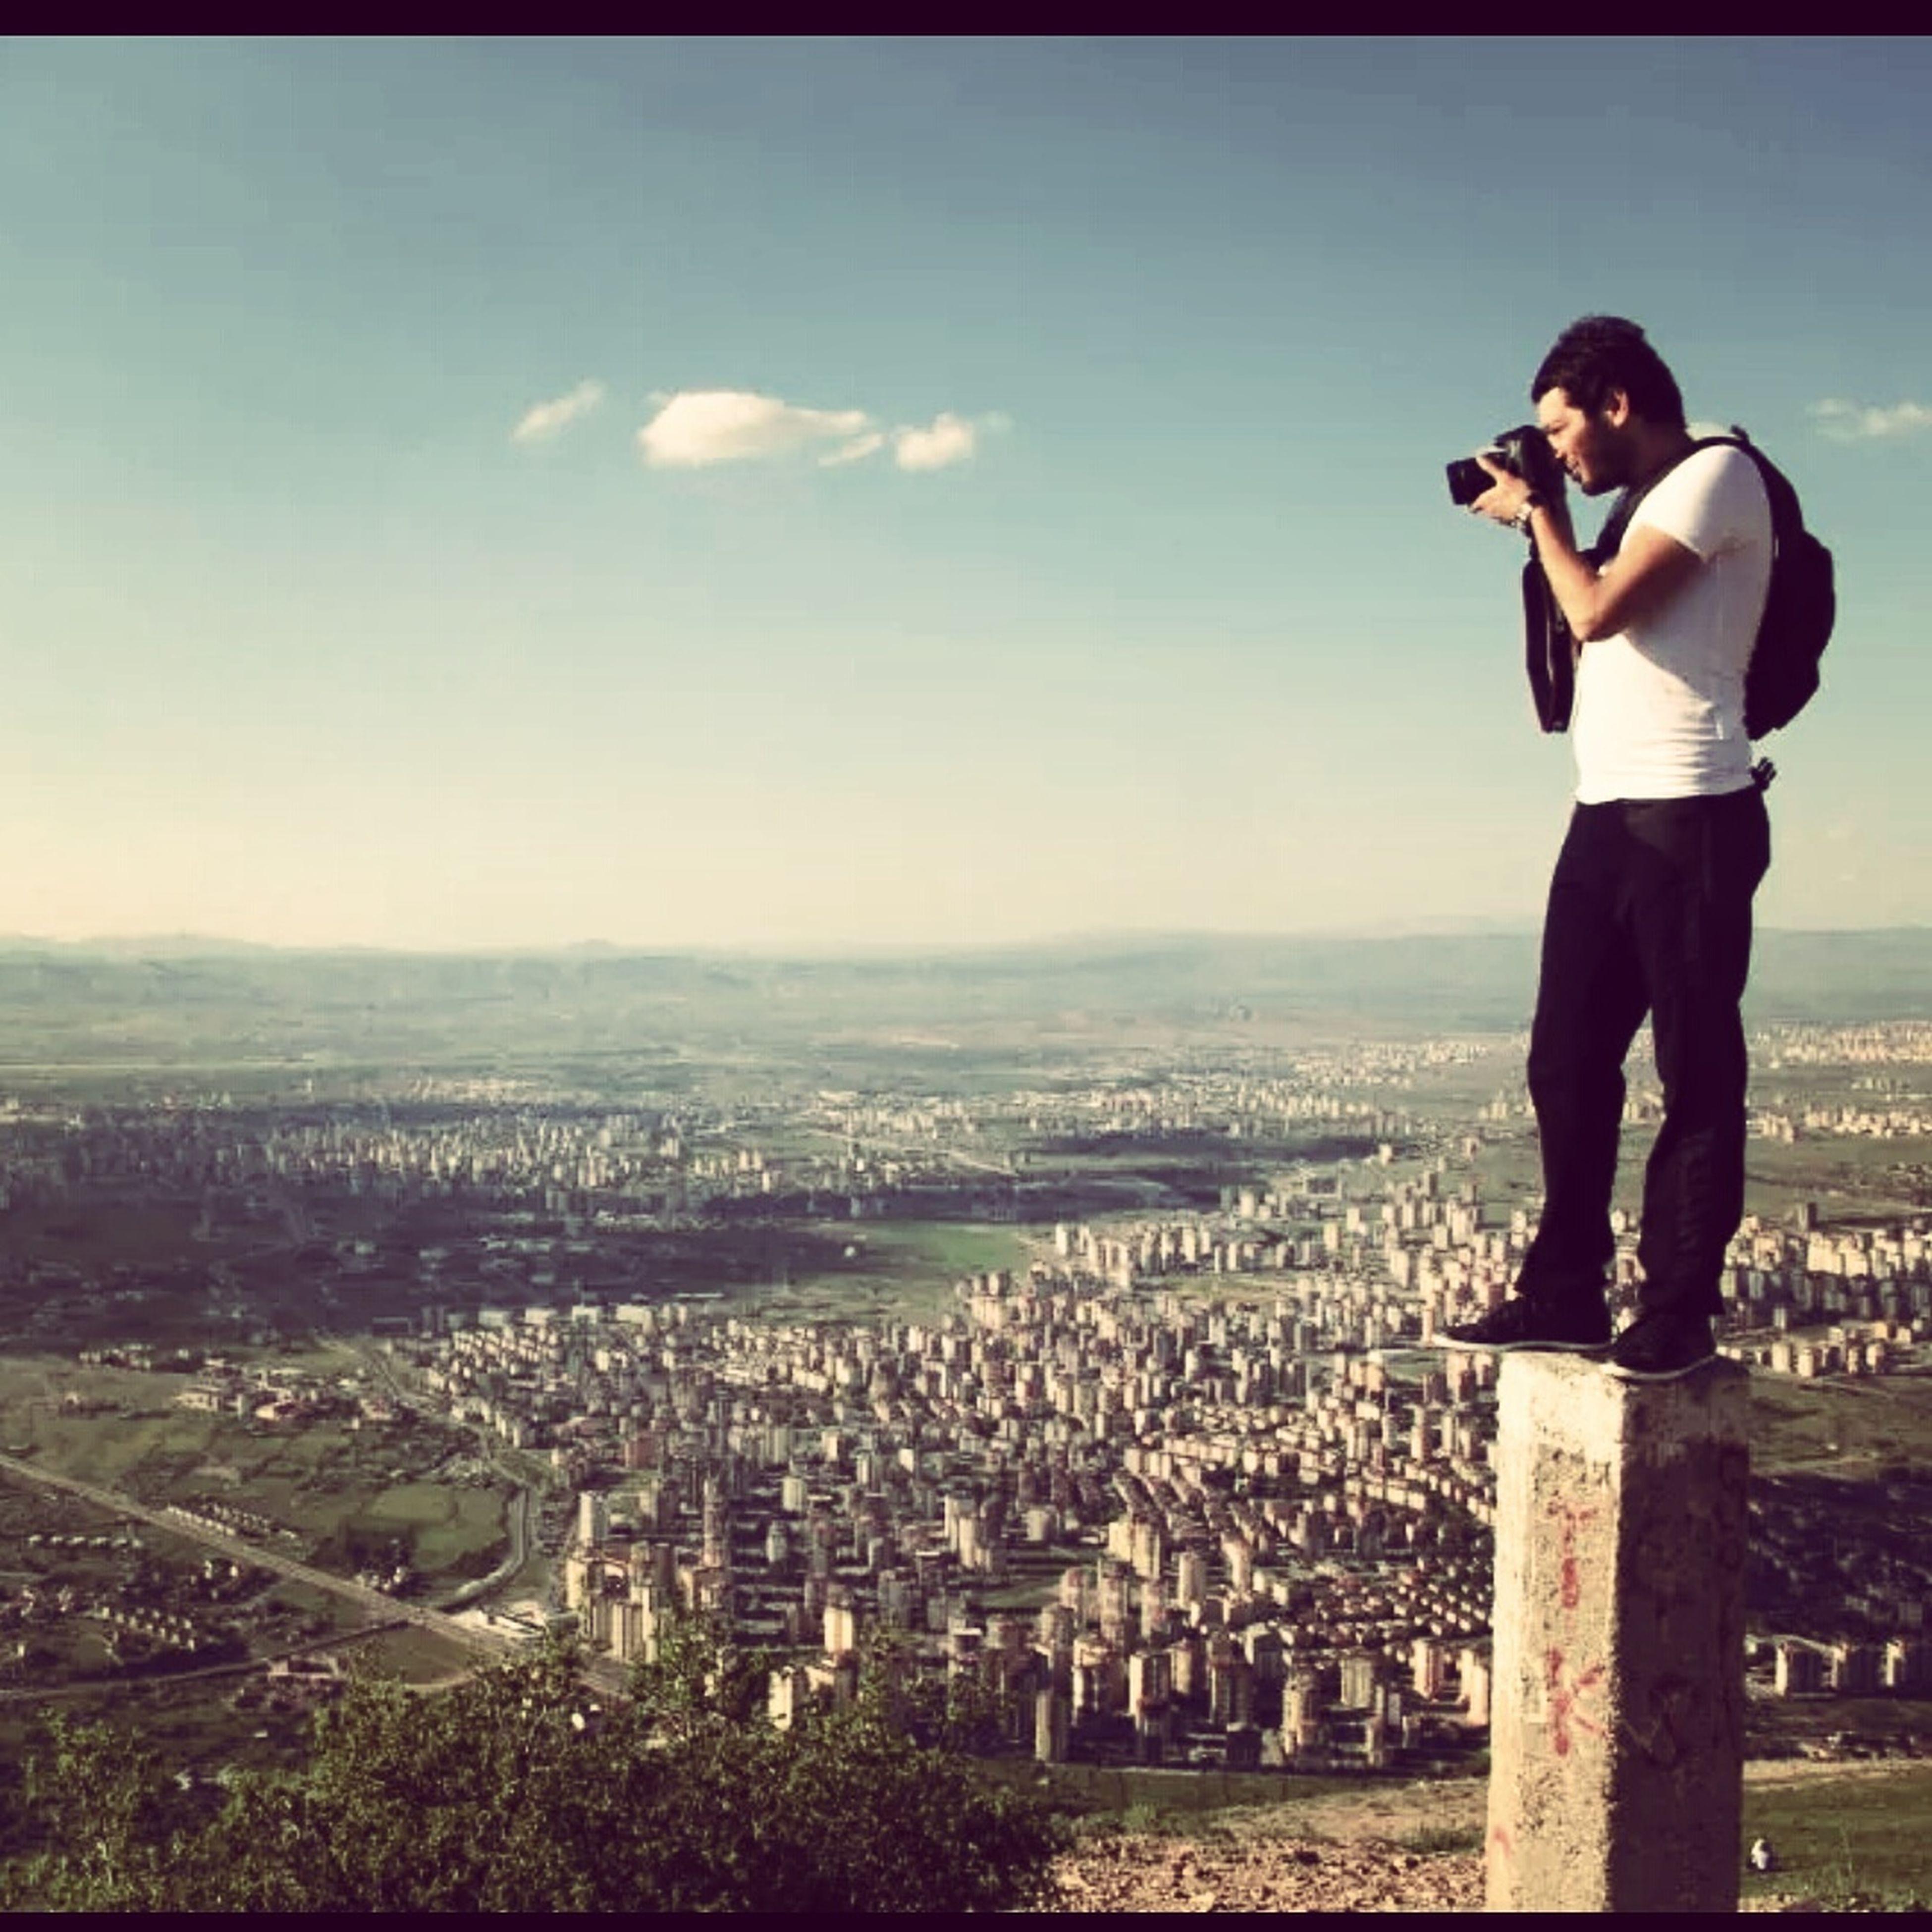 Zirvenin tepesinde pozlama yaparken :)